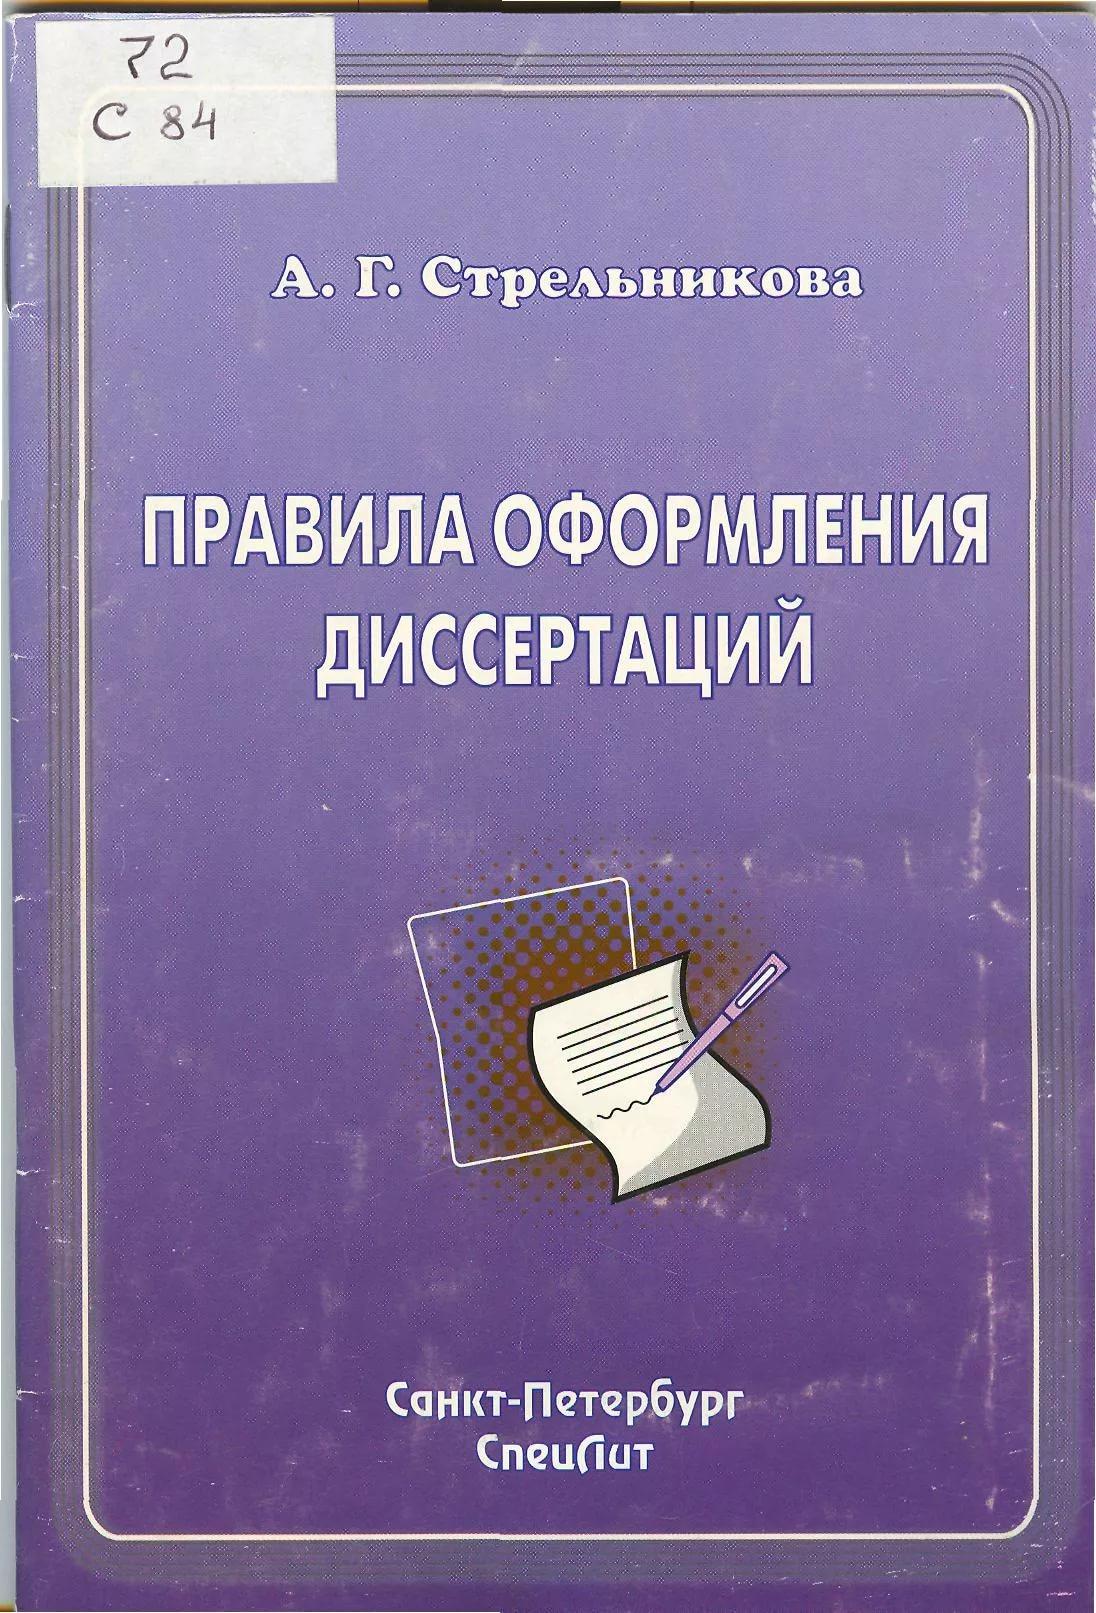 Требования к магистерской диссертации ГОСТ оформления объем  правила оформления магистерской диссертации гост